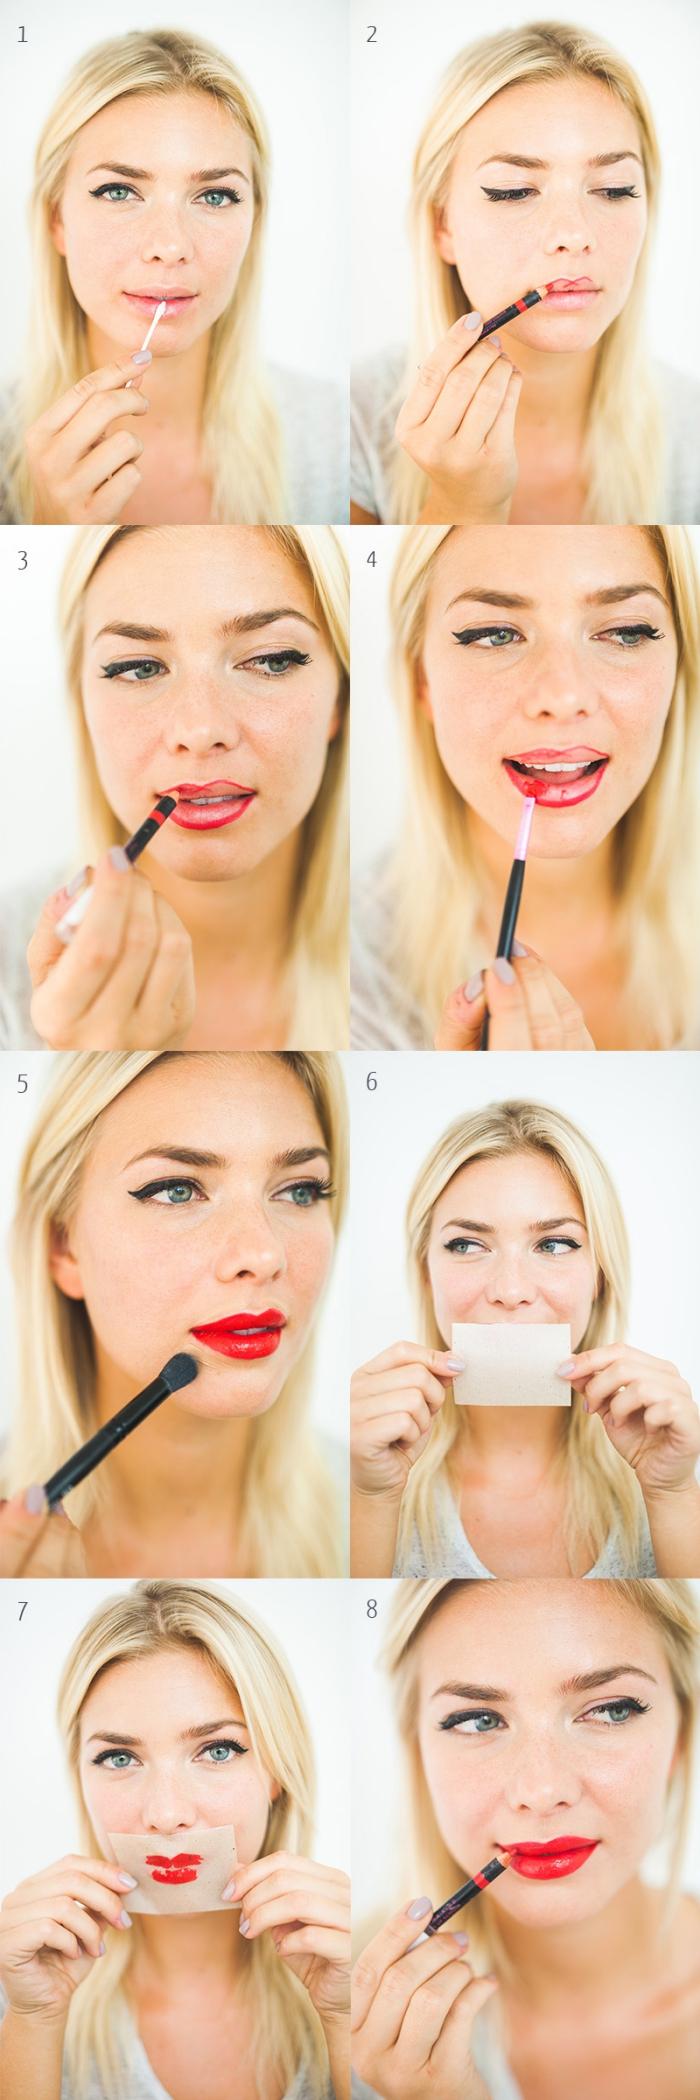 rouge a levre rouge, tutoriel pour apprendre à appliquer son rouge à lèvres avec pinceau et crayon